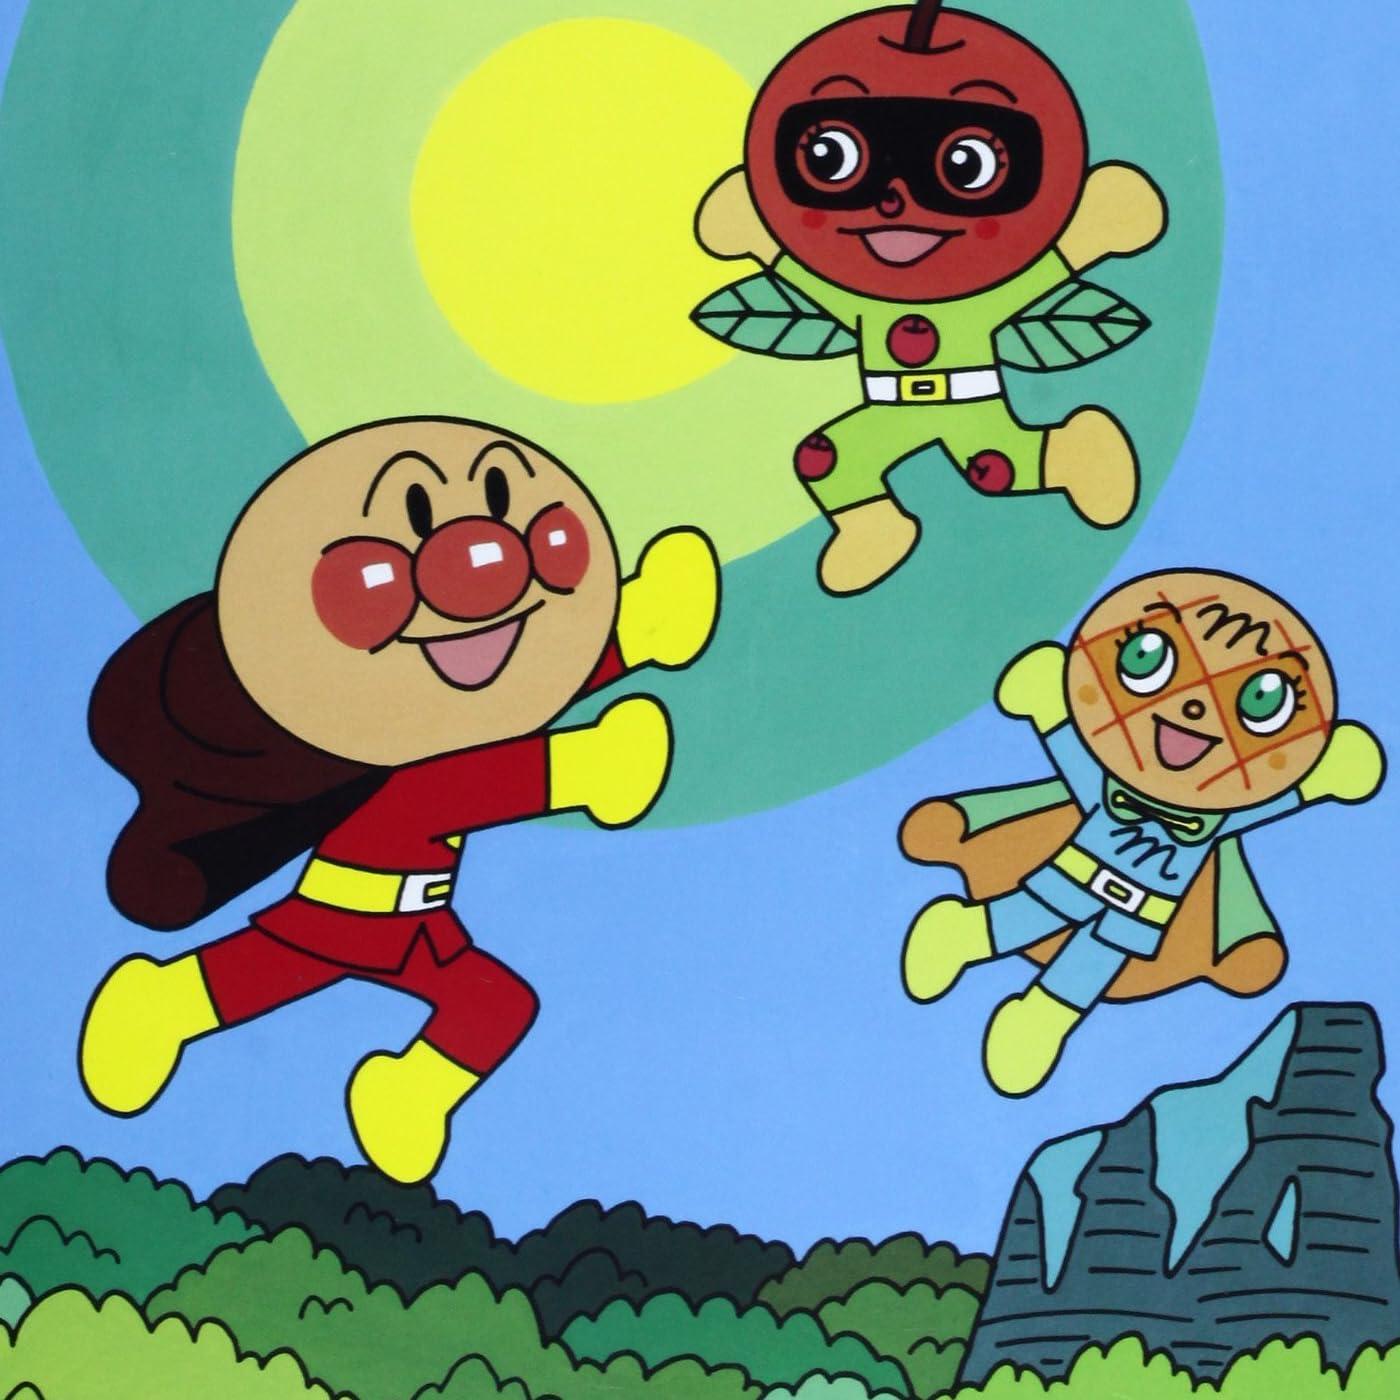 アンパンマン Ipad壁紙 アンパンマンとリンゴぼうや アニメ スマホ用画像